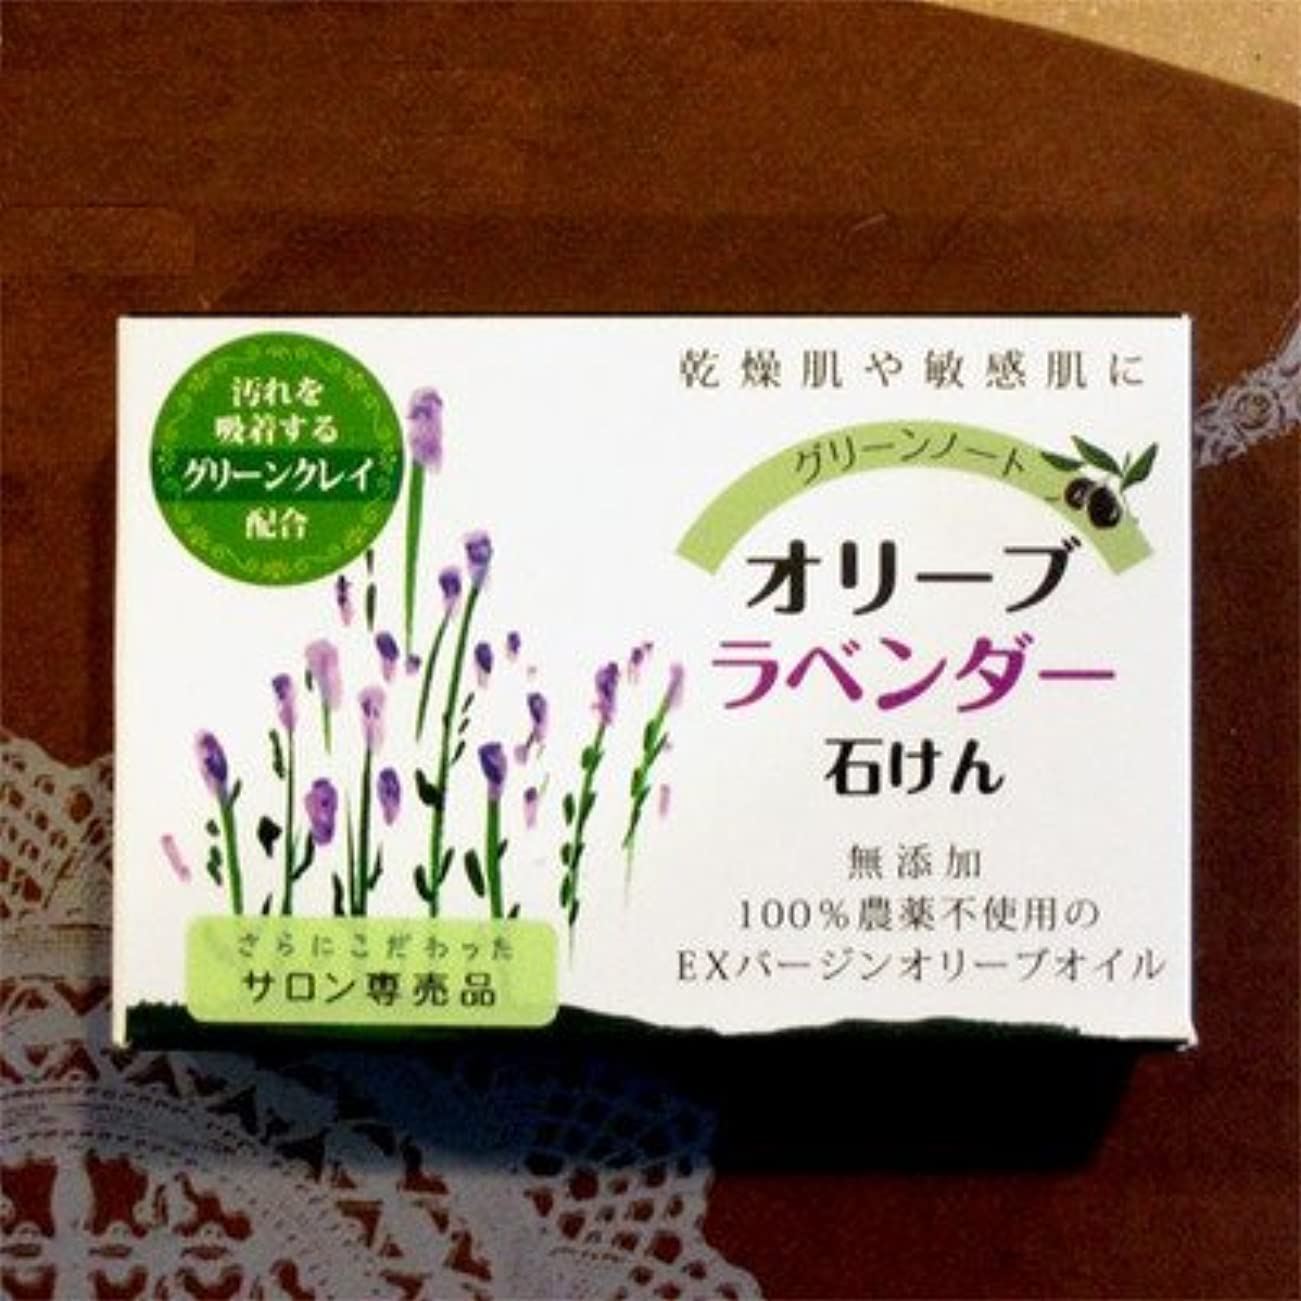 読書終わり禁じるグリーンノート オーガニック ハーブ ソープ 無農薬 無添加 オリーブ ラベンダー せ鹸 100g